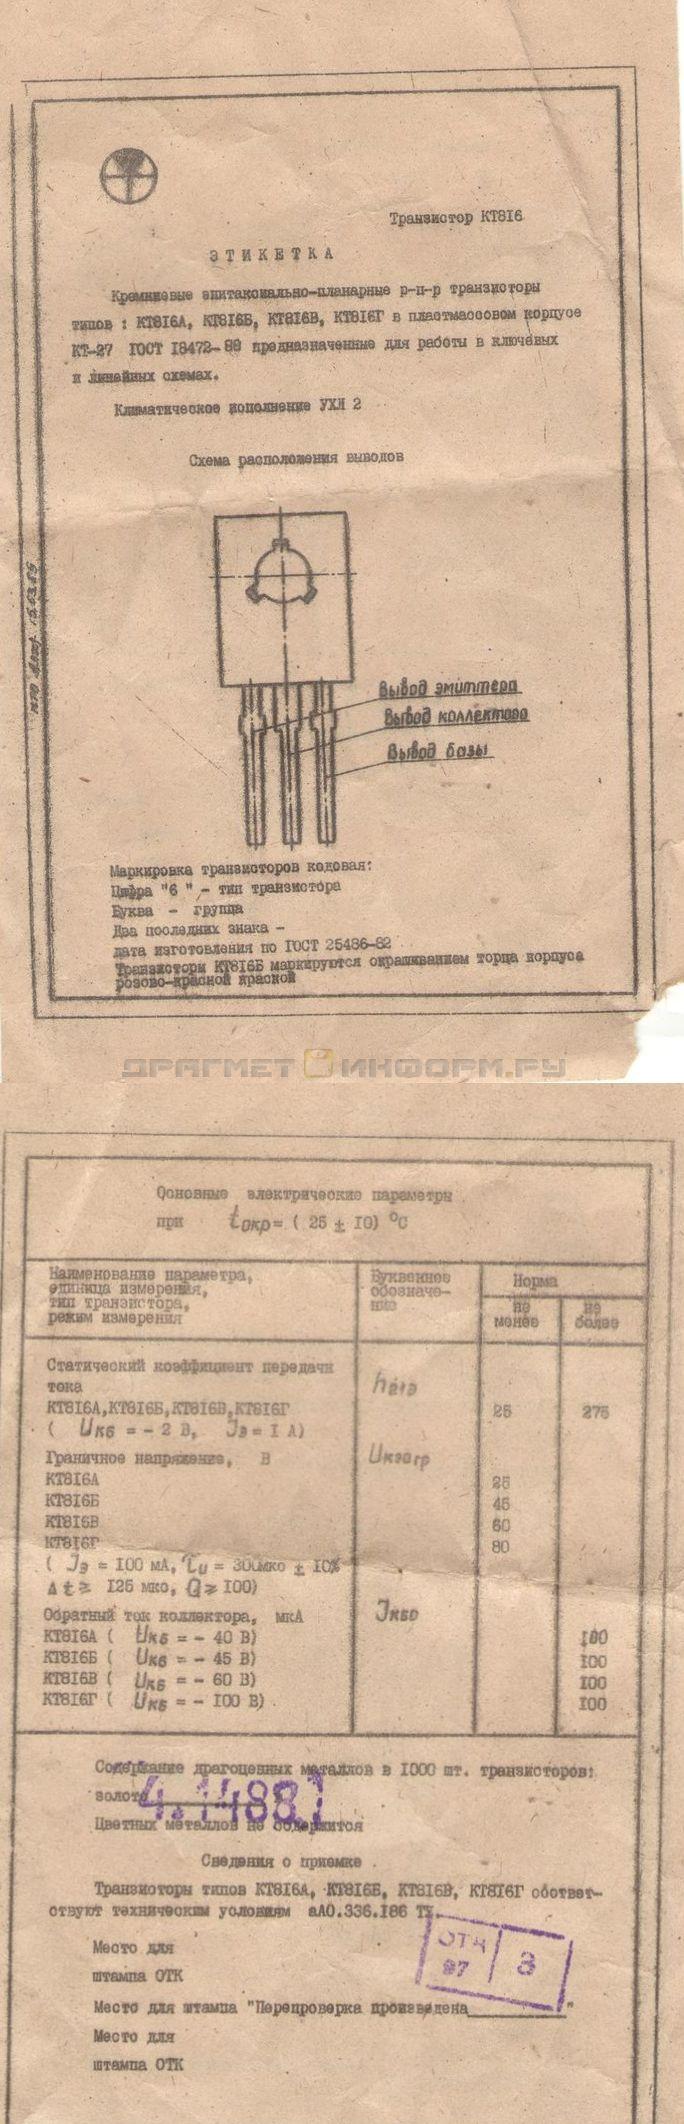 обязательно каталог транзисторы содержание драгметаллов фото существуют условия, при